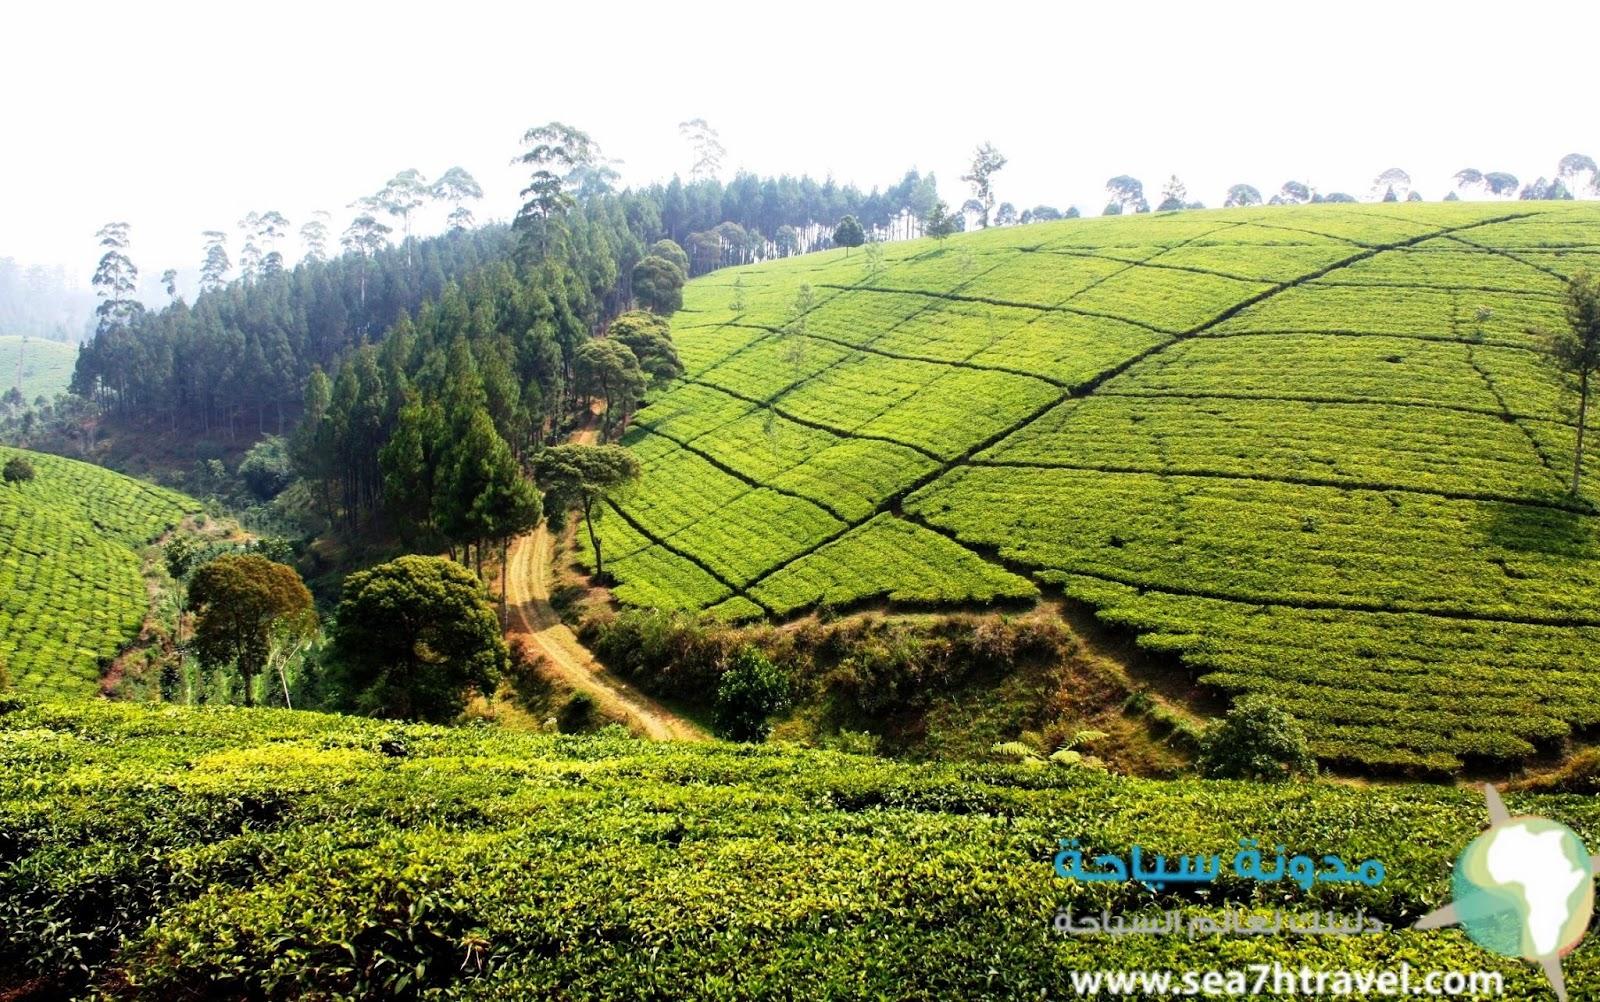 مزارع الشاي في بوقور اندونيسيا